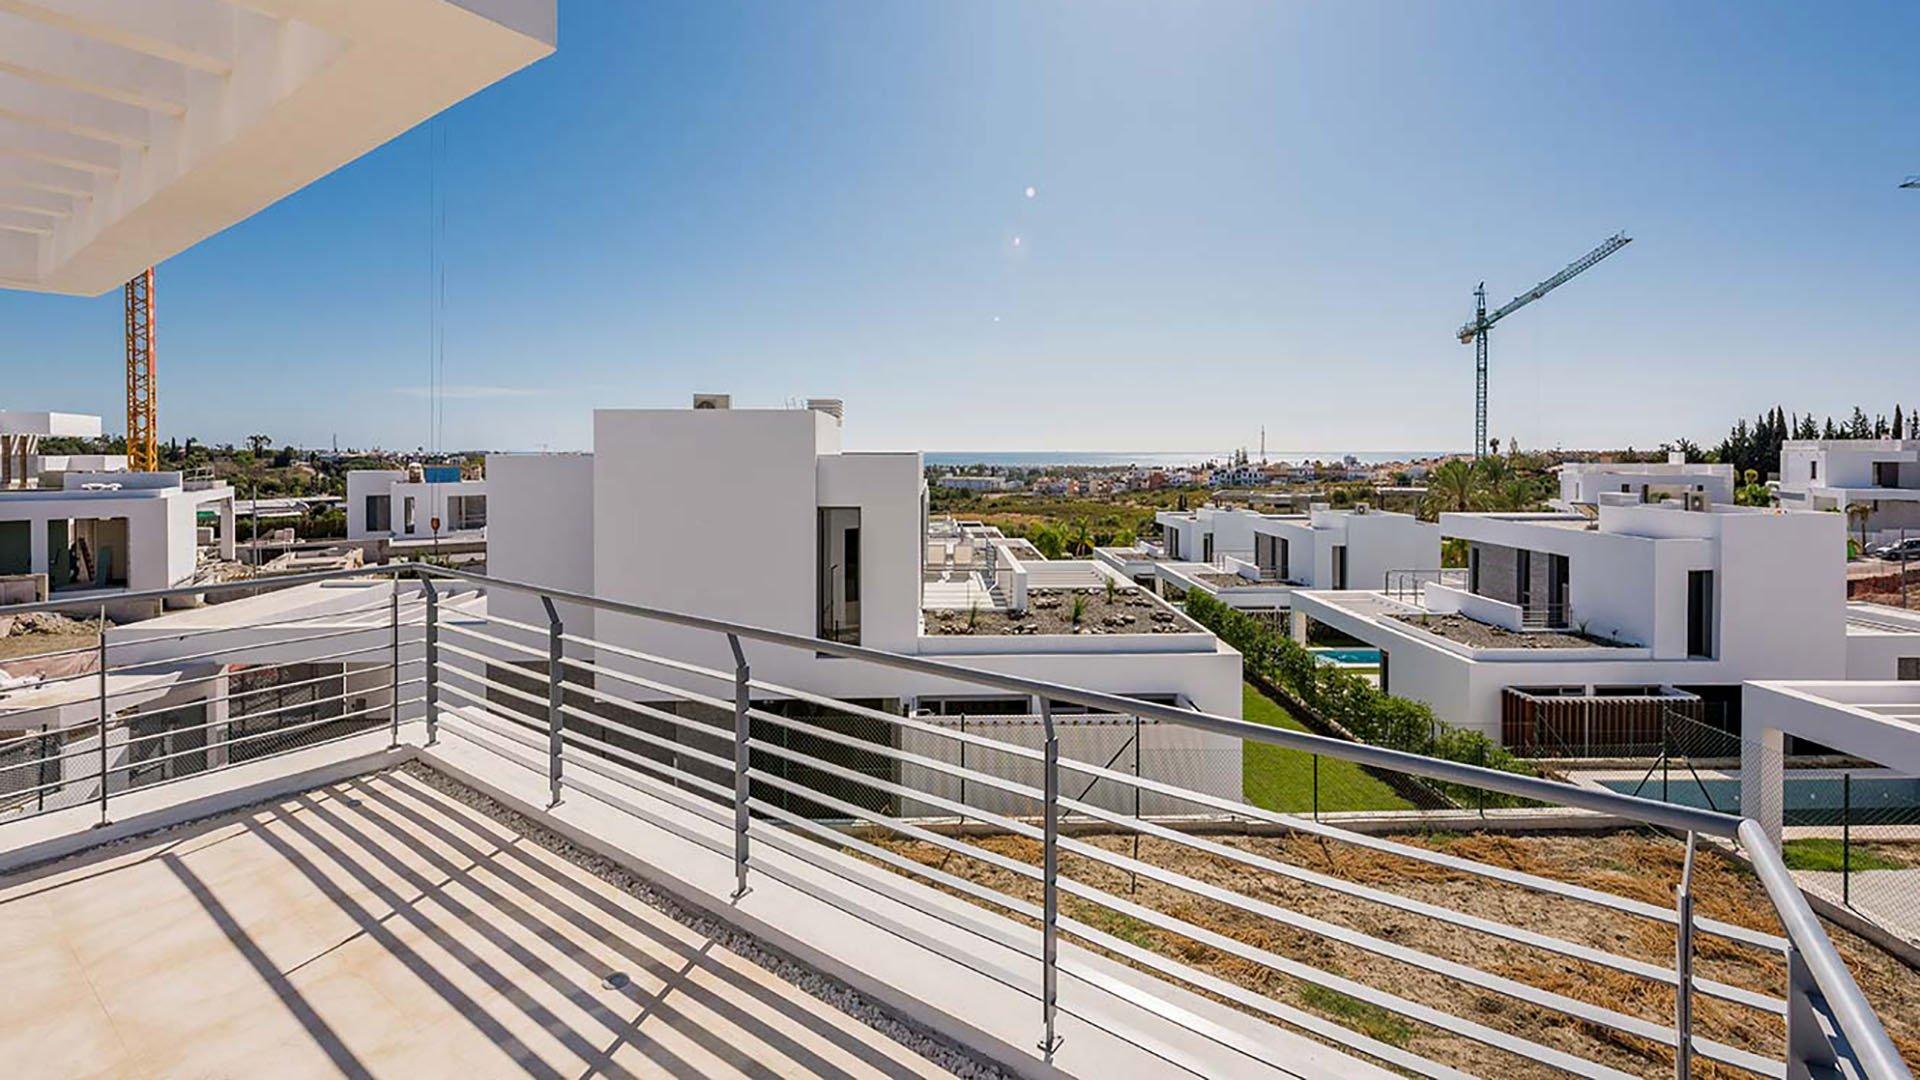 SYZYGY – The Villas: Modern villas in Estepona in a strategic location